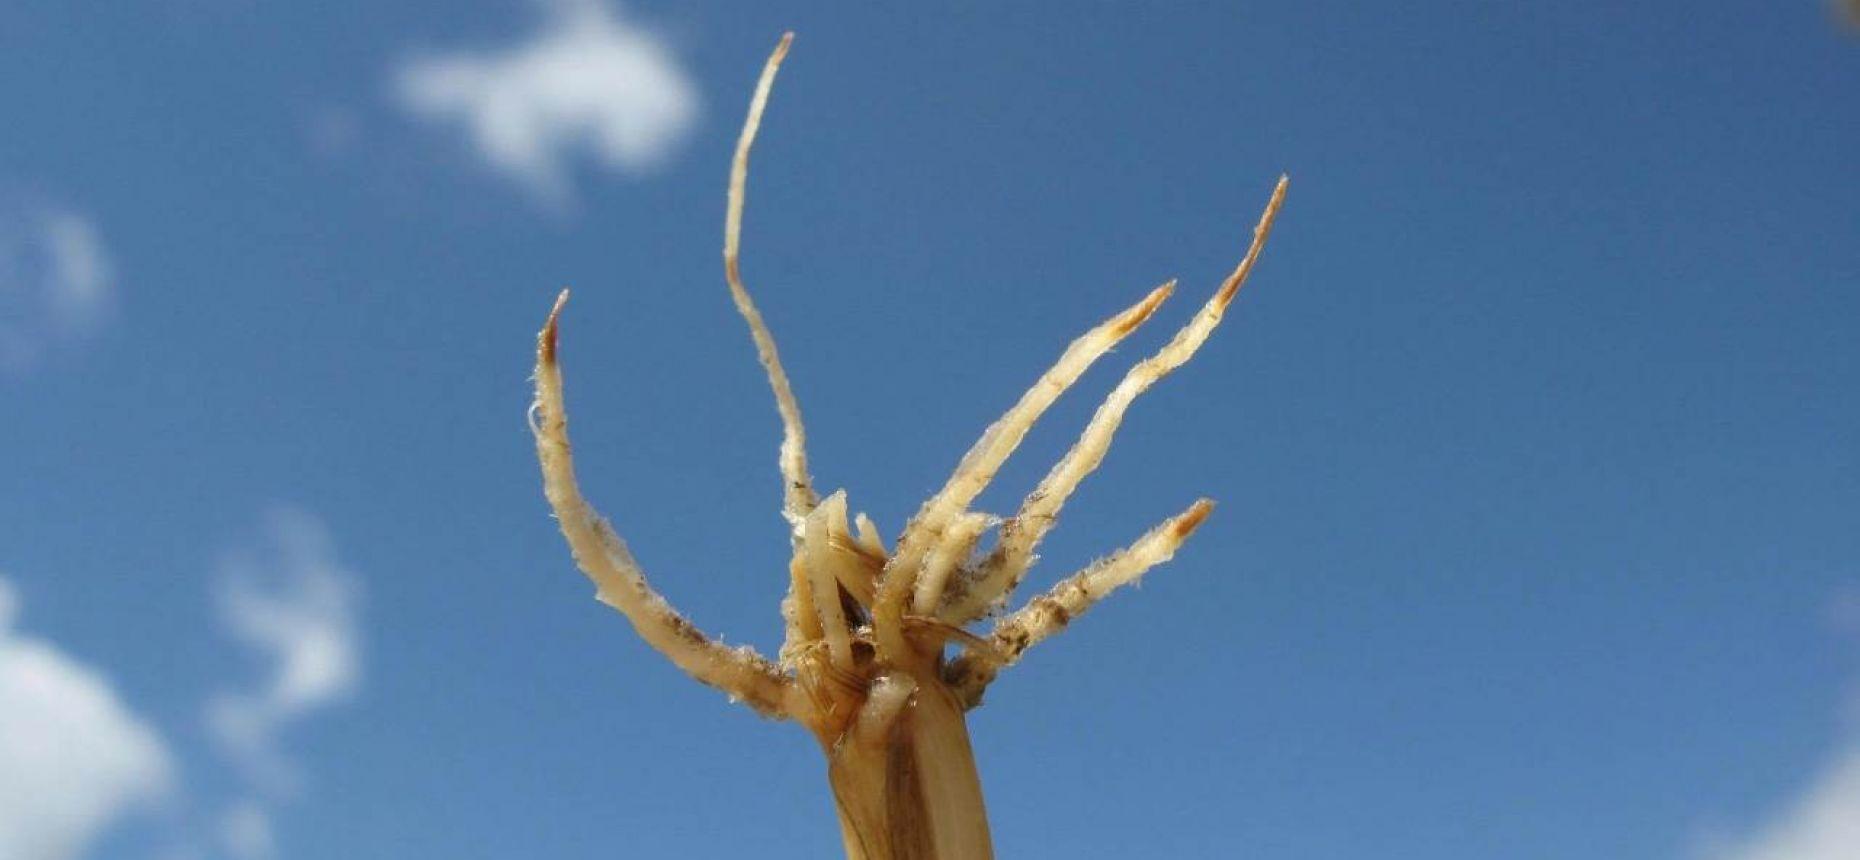 Ризоктониозная корневая гниль пшеницы - Rhizoctonia solani J.G. Kuhn (= Thanatephorus cucumeris (A.B. Frank) Donk)